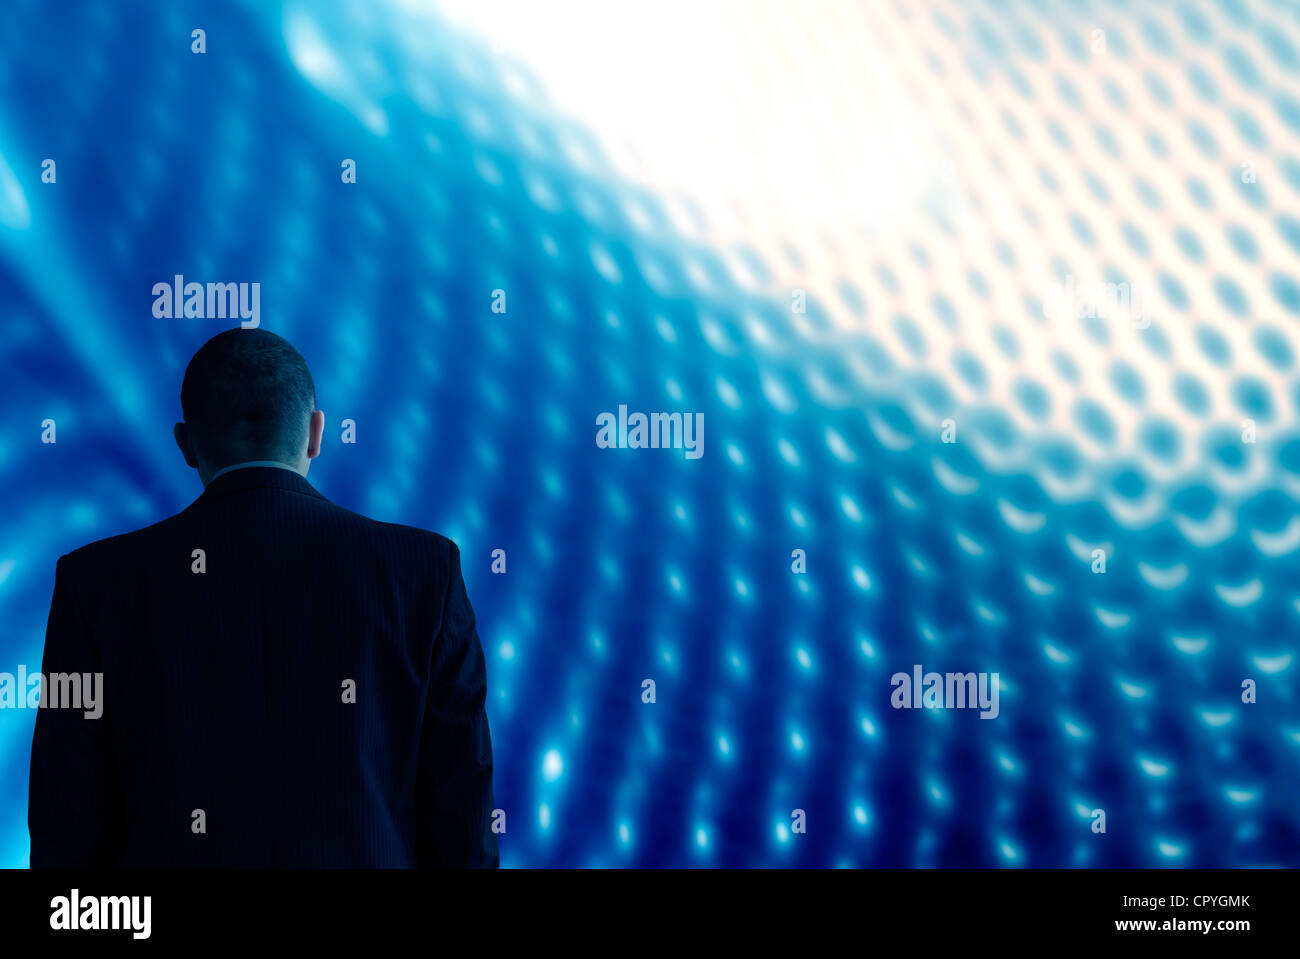 Schauen Sie in Zukunftstechnologie Hintergrund blau mit Mann Stockbild